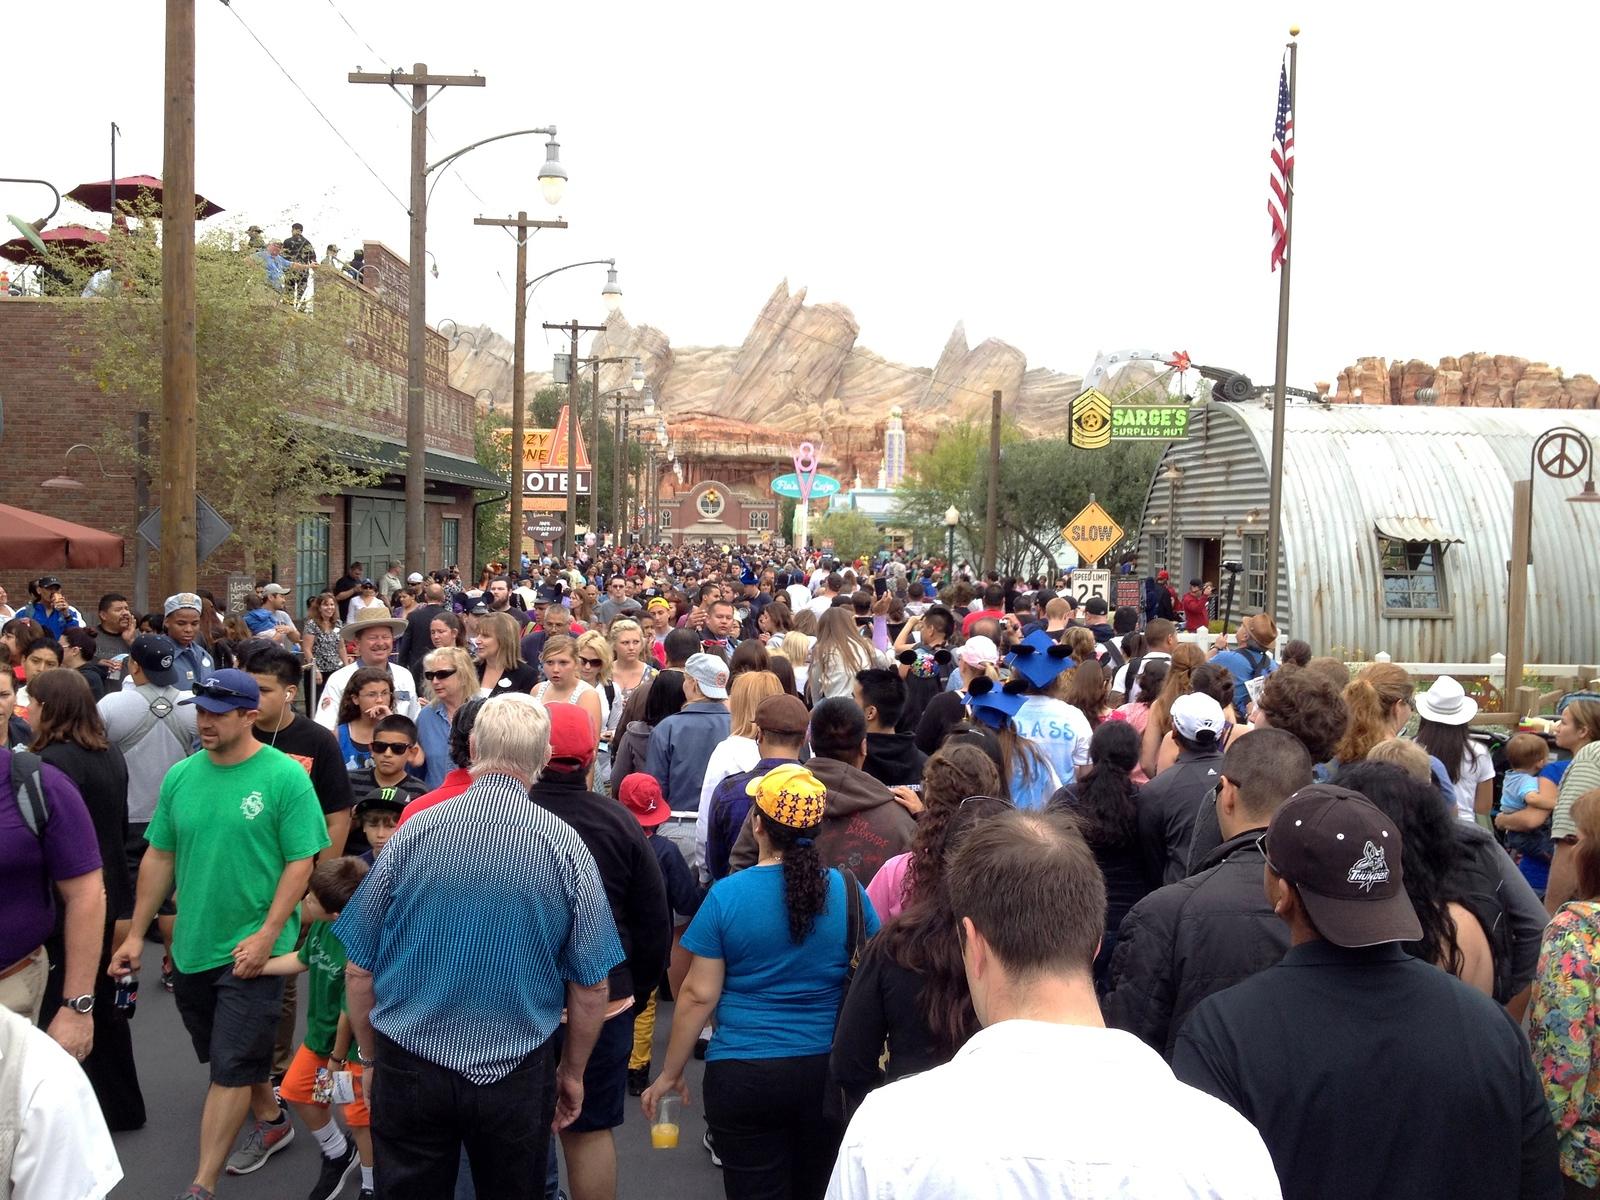 Disneyland Summer Crowds